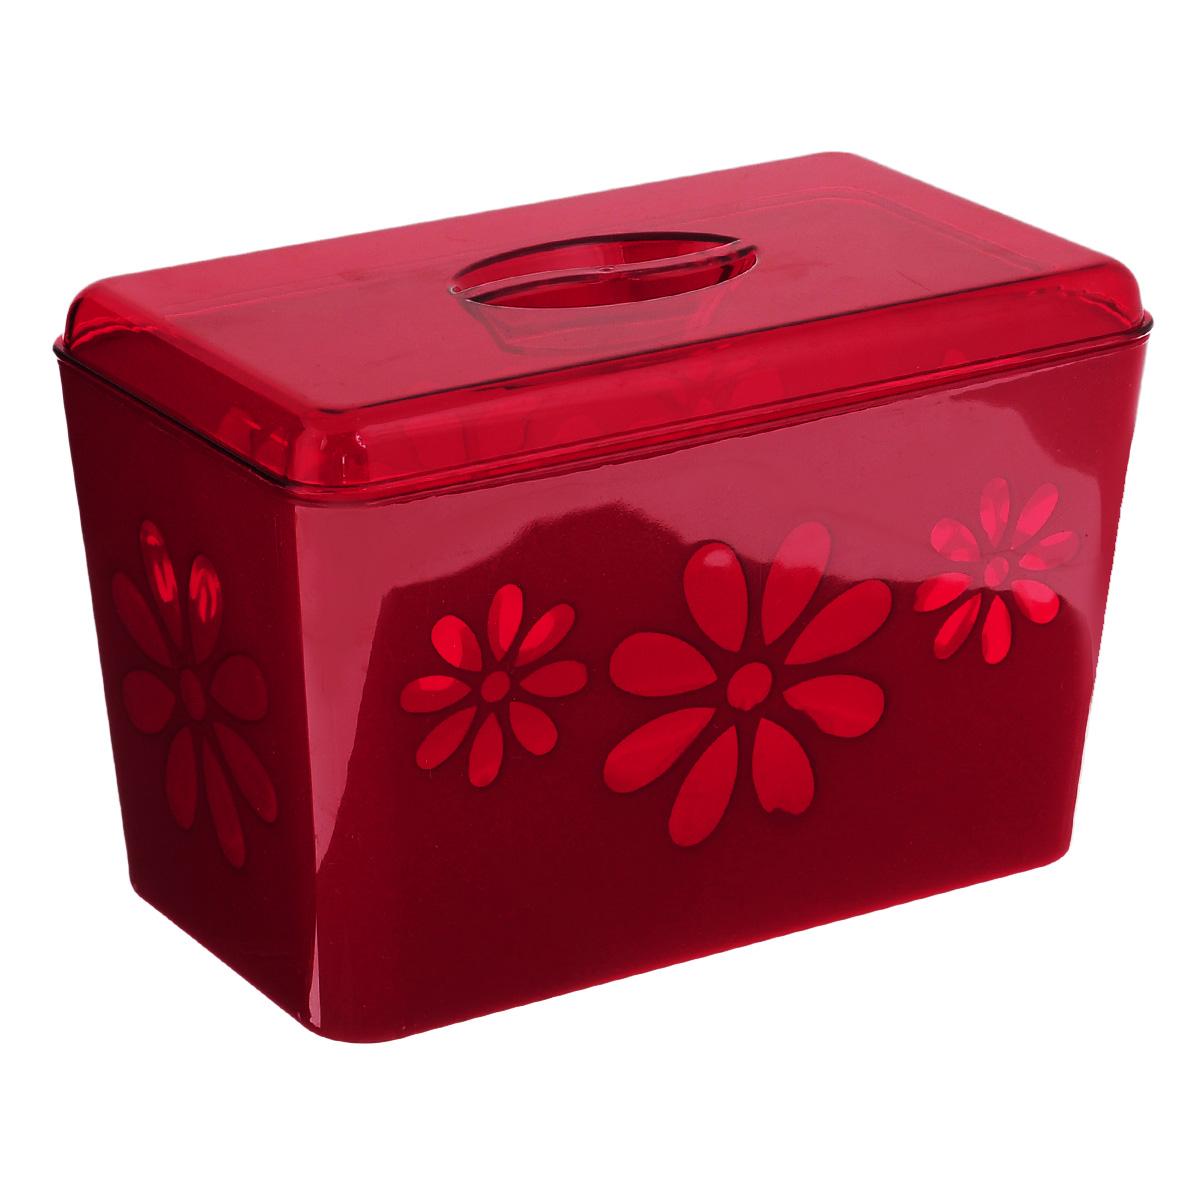 Хлебница Соблазн, цвет: красный, 24 х 14 х 15,5 см0000120001322Хлебница Соблазн изготовлена из двухцветного пластика и декорирована изображением цветов. Хлебница выполнена в виде чаши с крышкой. Вместительность, функциональность и стильный дизайн позволят хлебнице стать не только незаменимым аксессуаром на кухне, но и предметом украшения интерьера. В ней хлеб всегда останется свежим и вкусным.